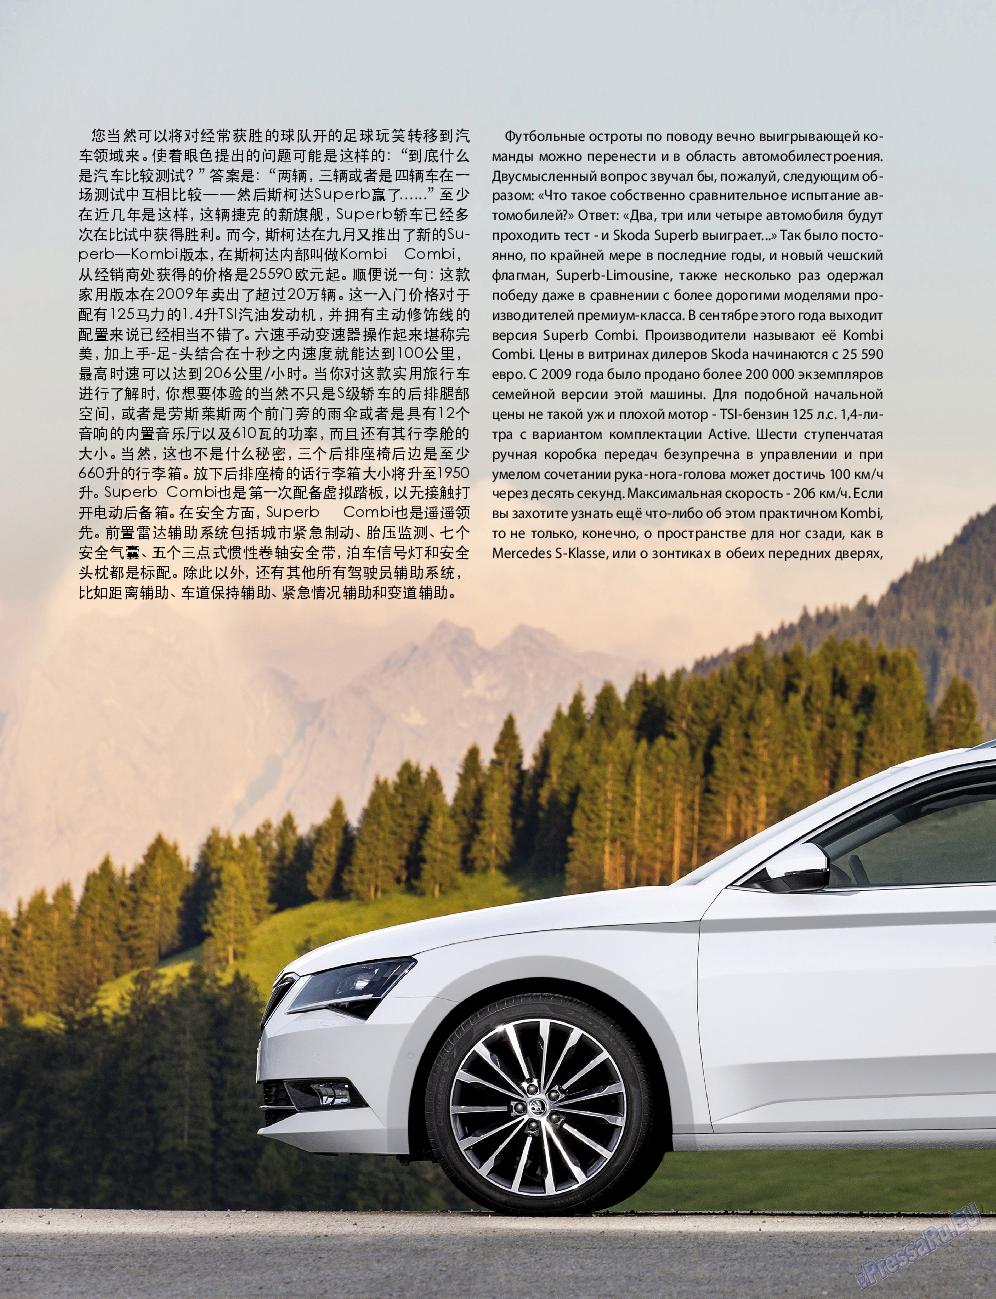 Клан (журнал). 2015 год, номер 9, стр. 116